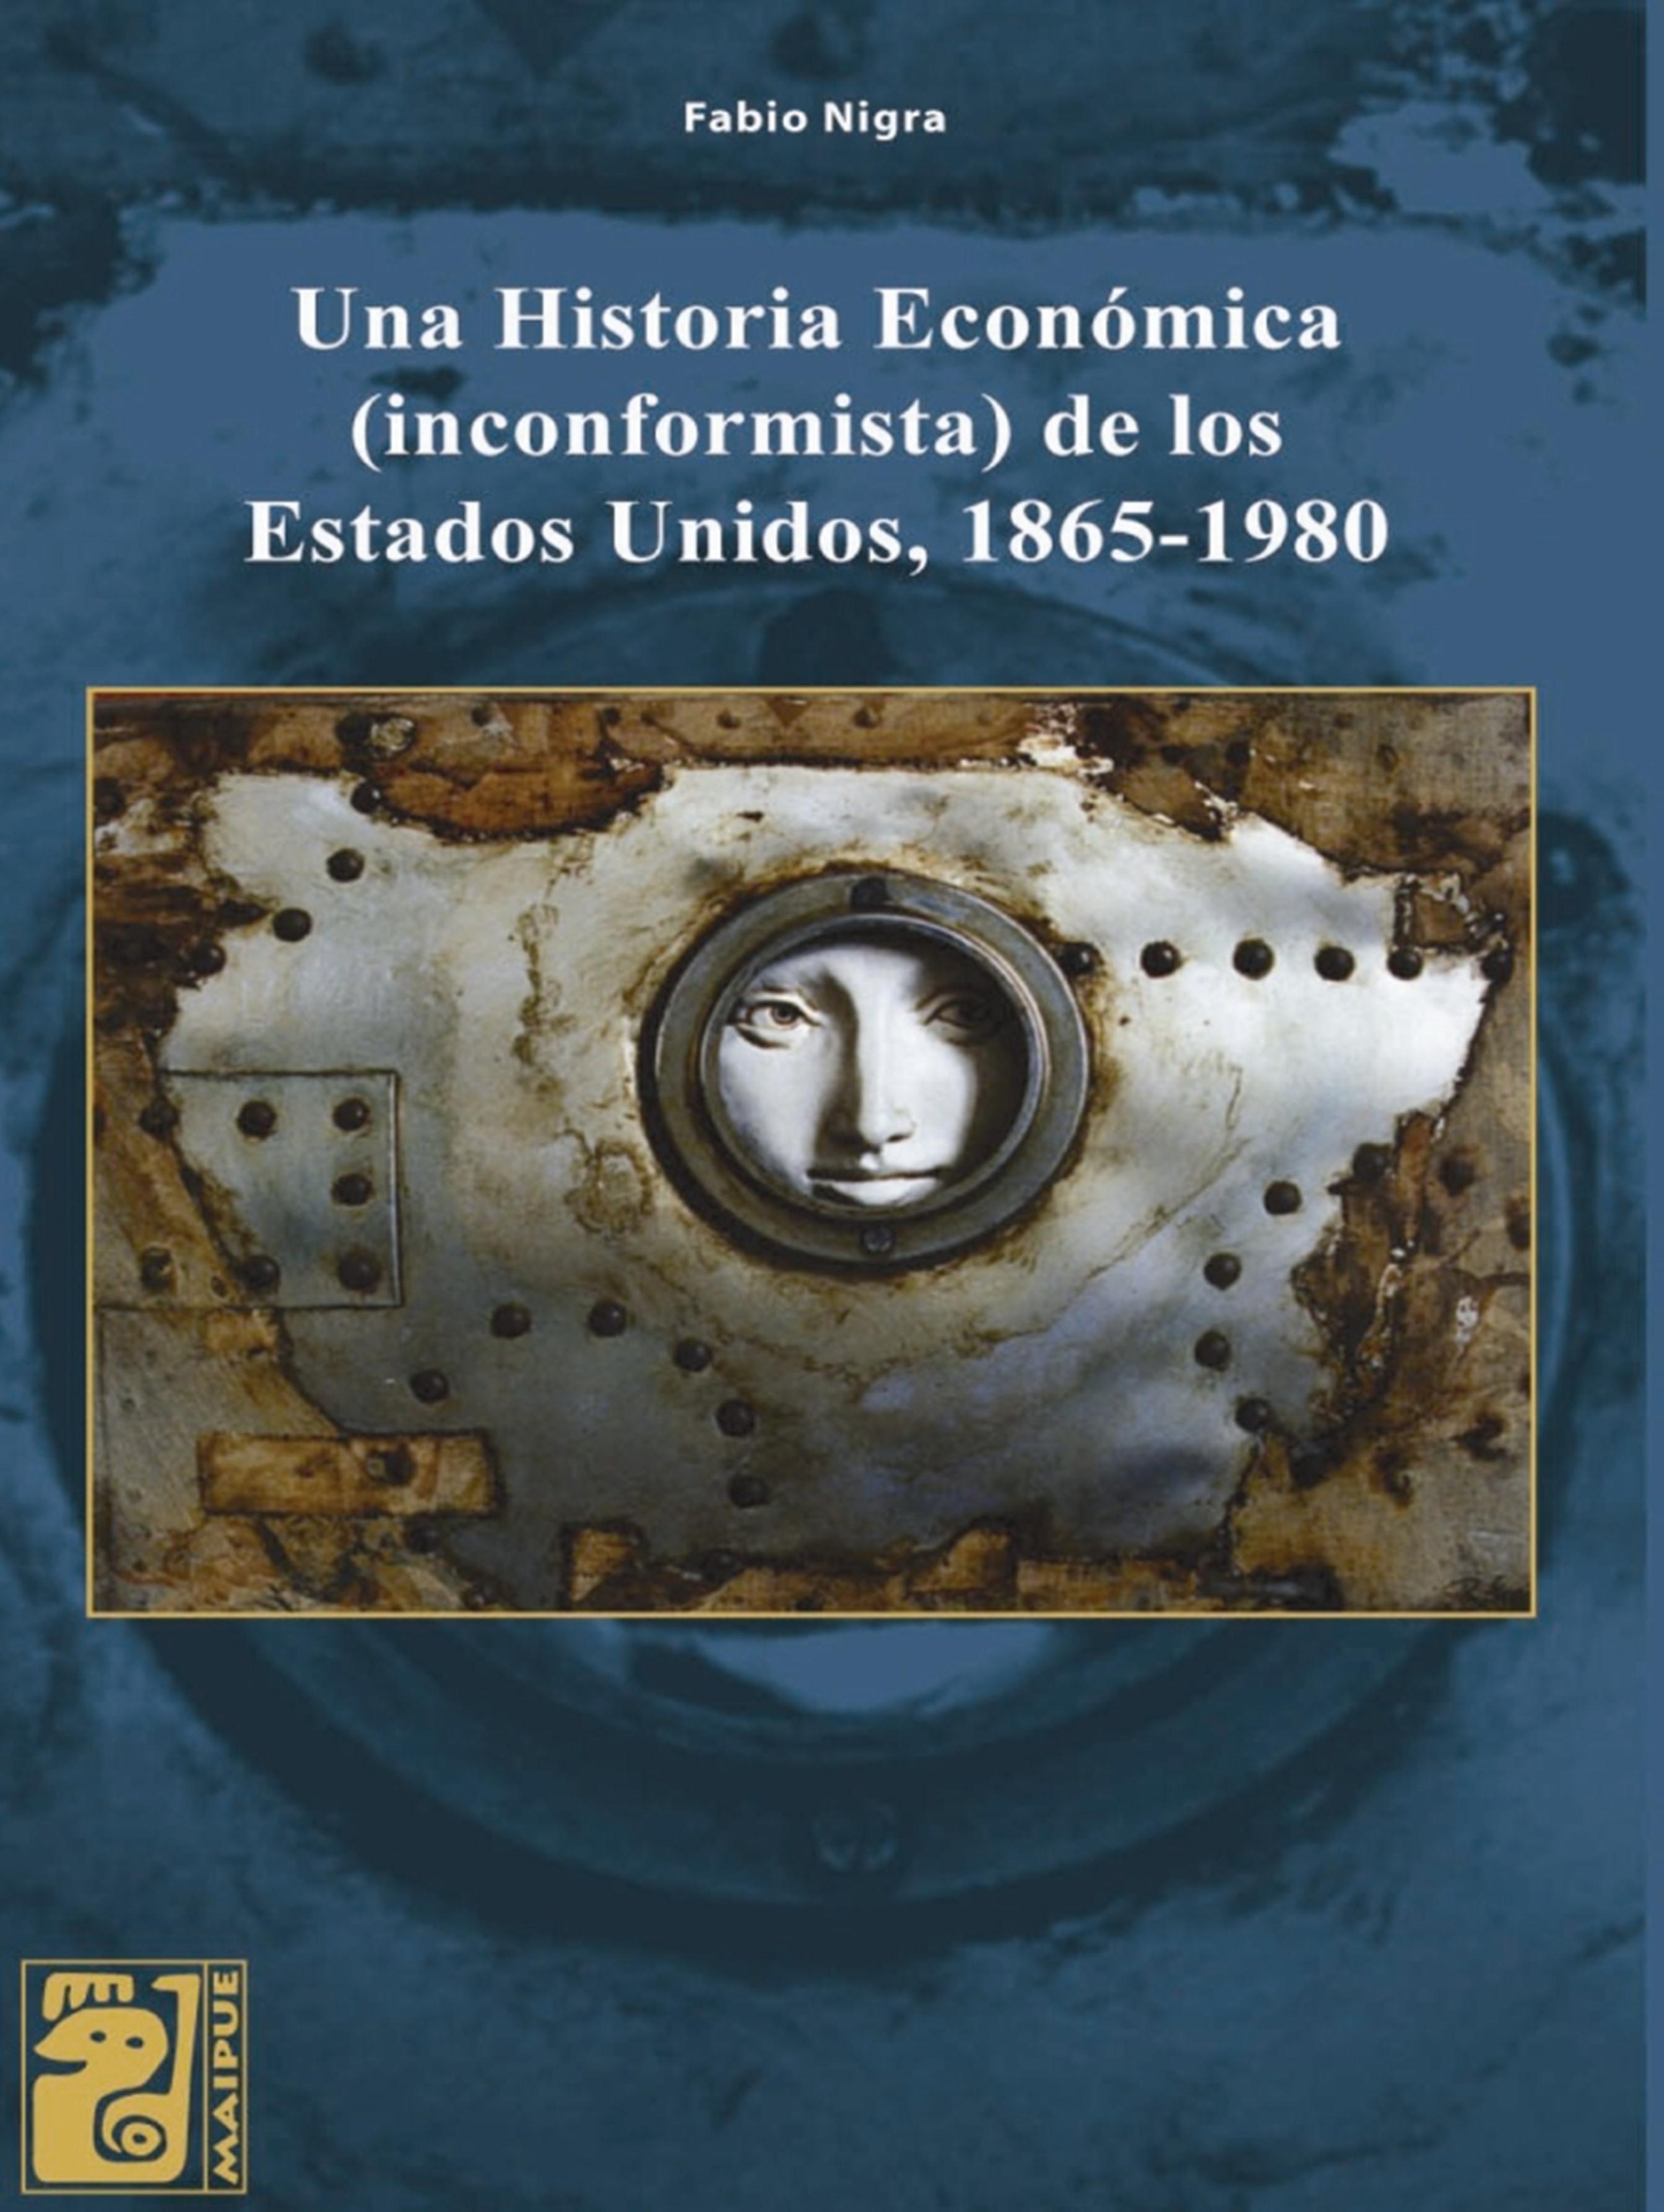 Una historia económica (inconformista) de los Estados Unidos – 1865-1980